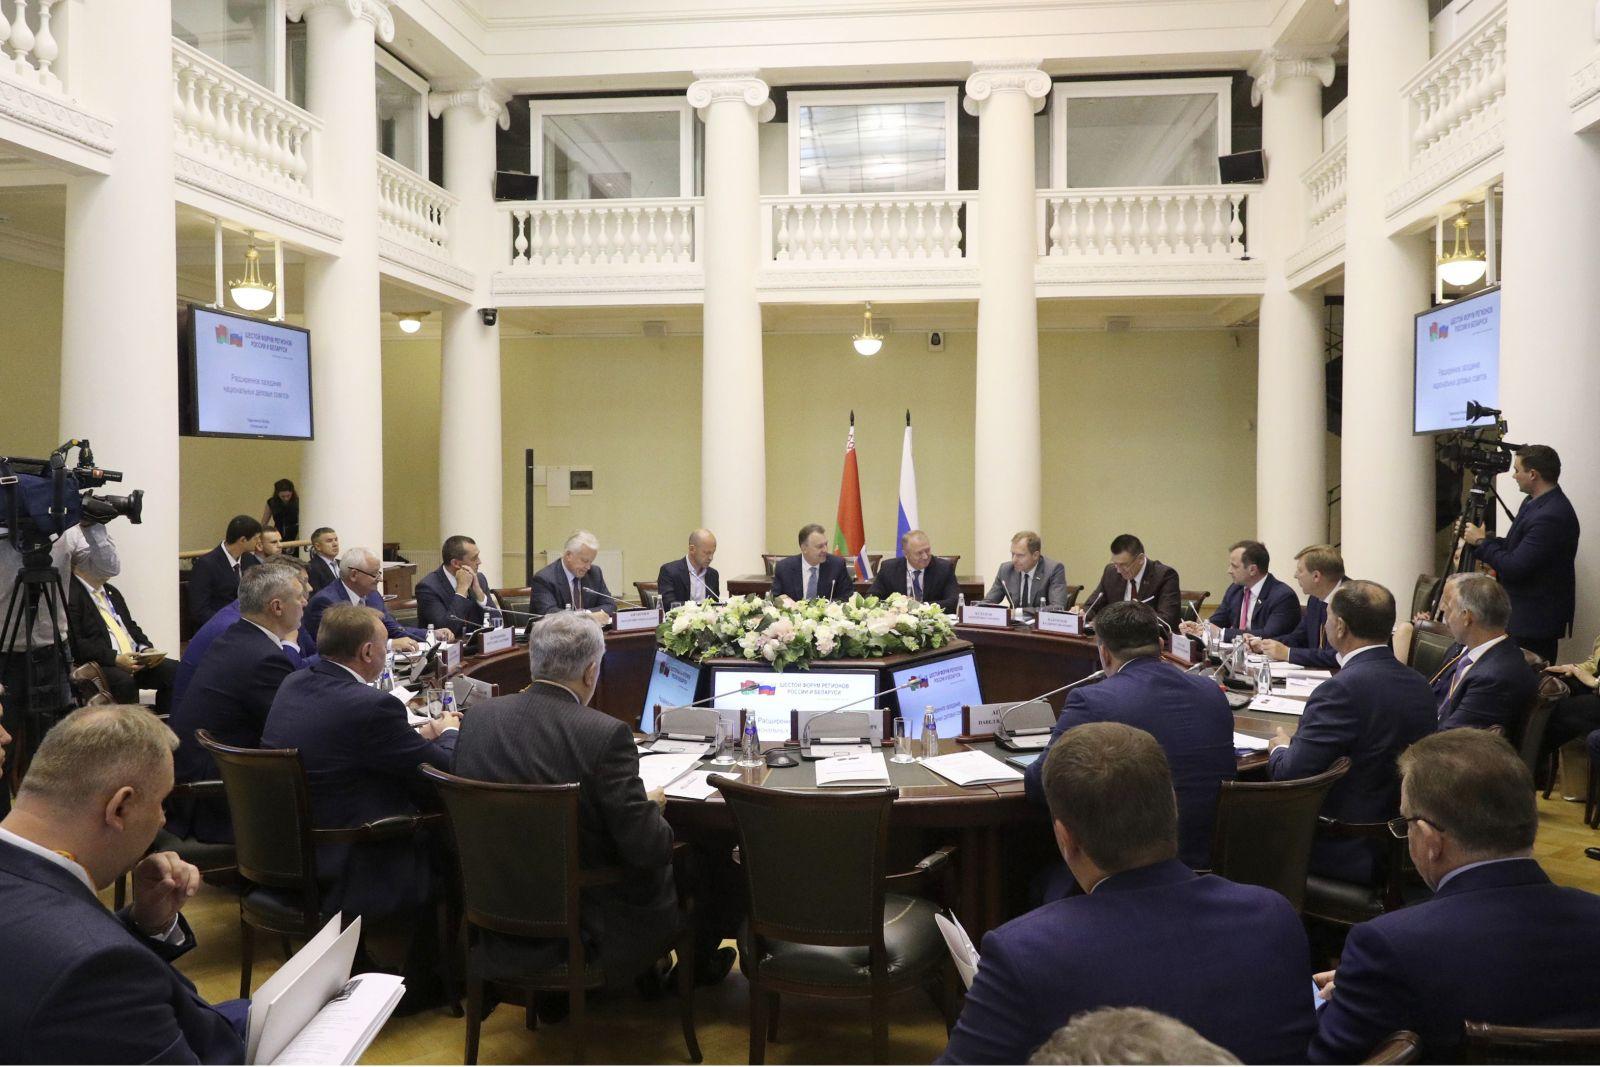 227936,01 Расширенное заседание национальных деловых советов прошло на VI Форуме регионов Беларуси и России